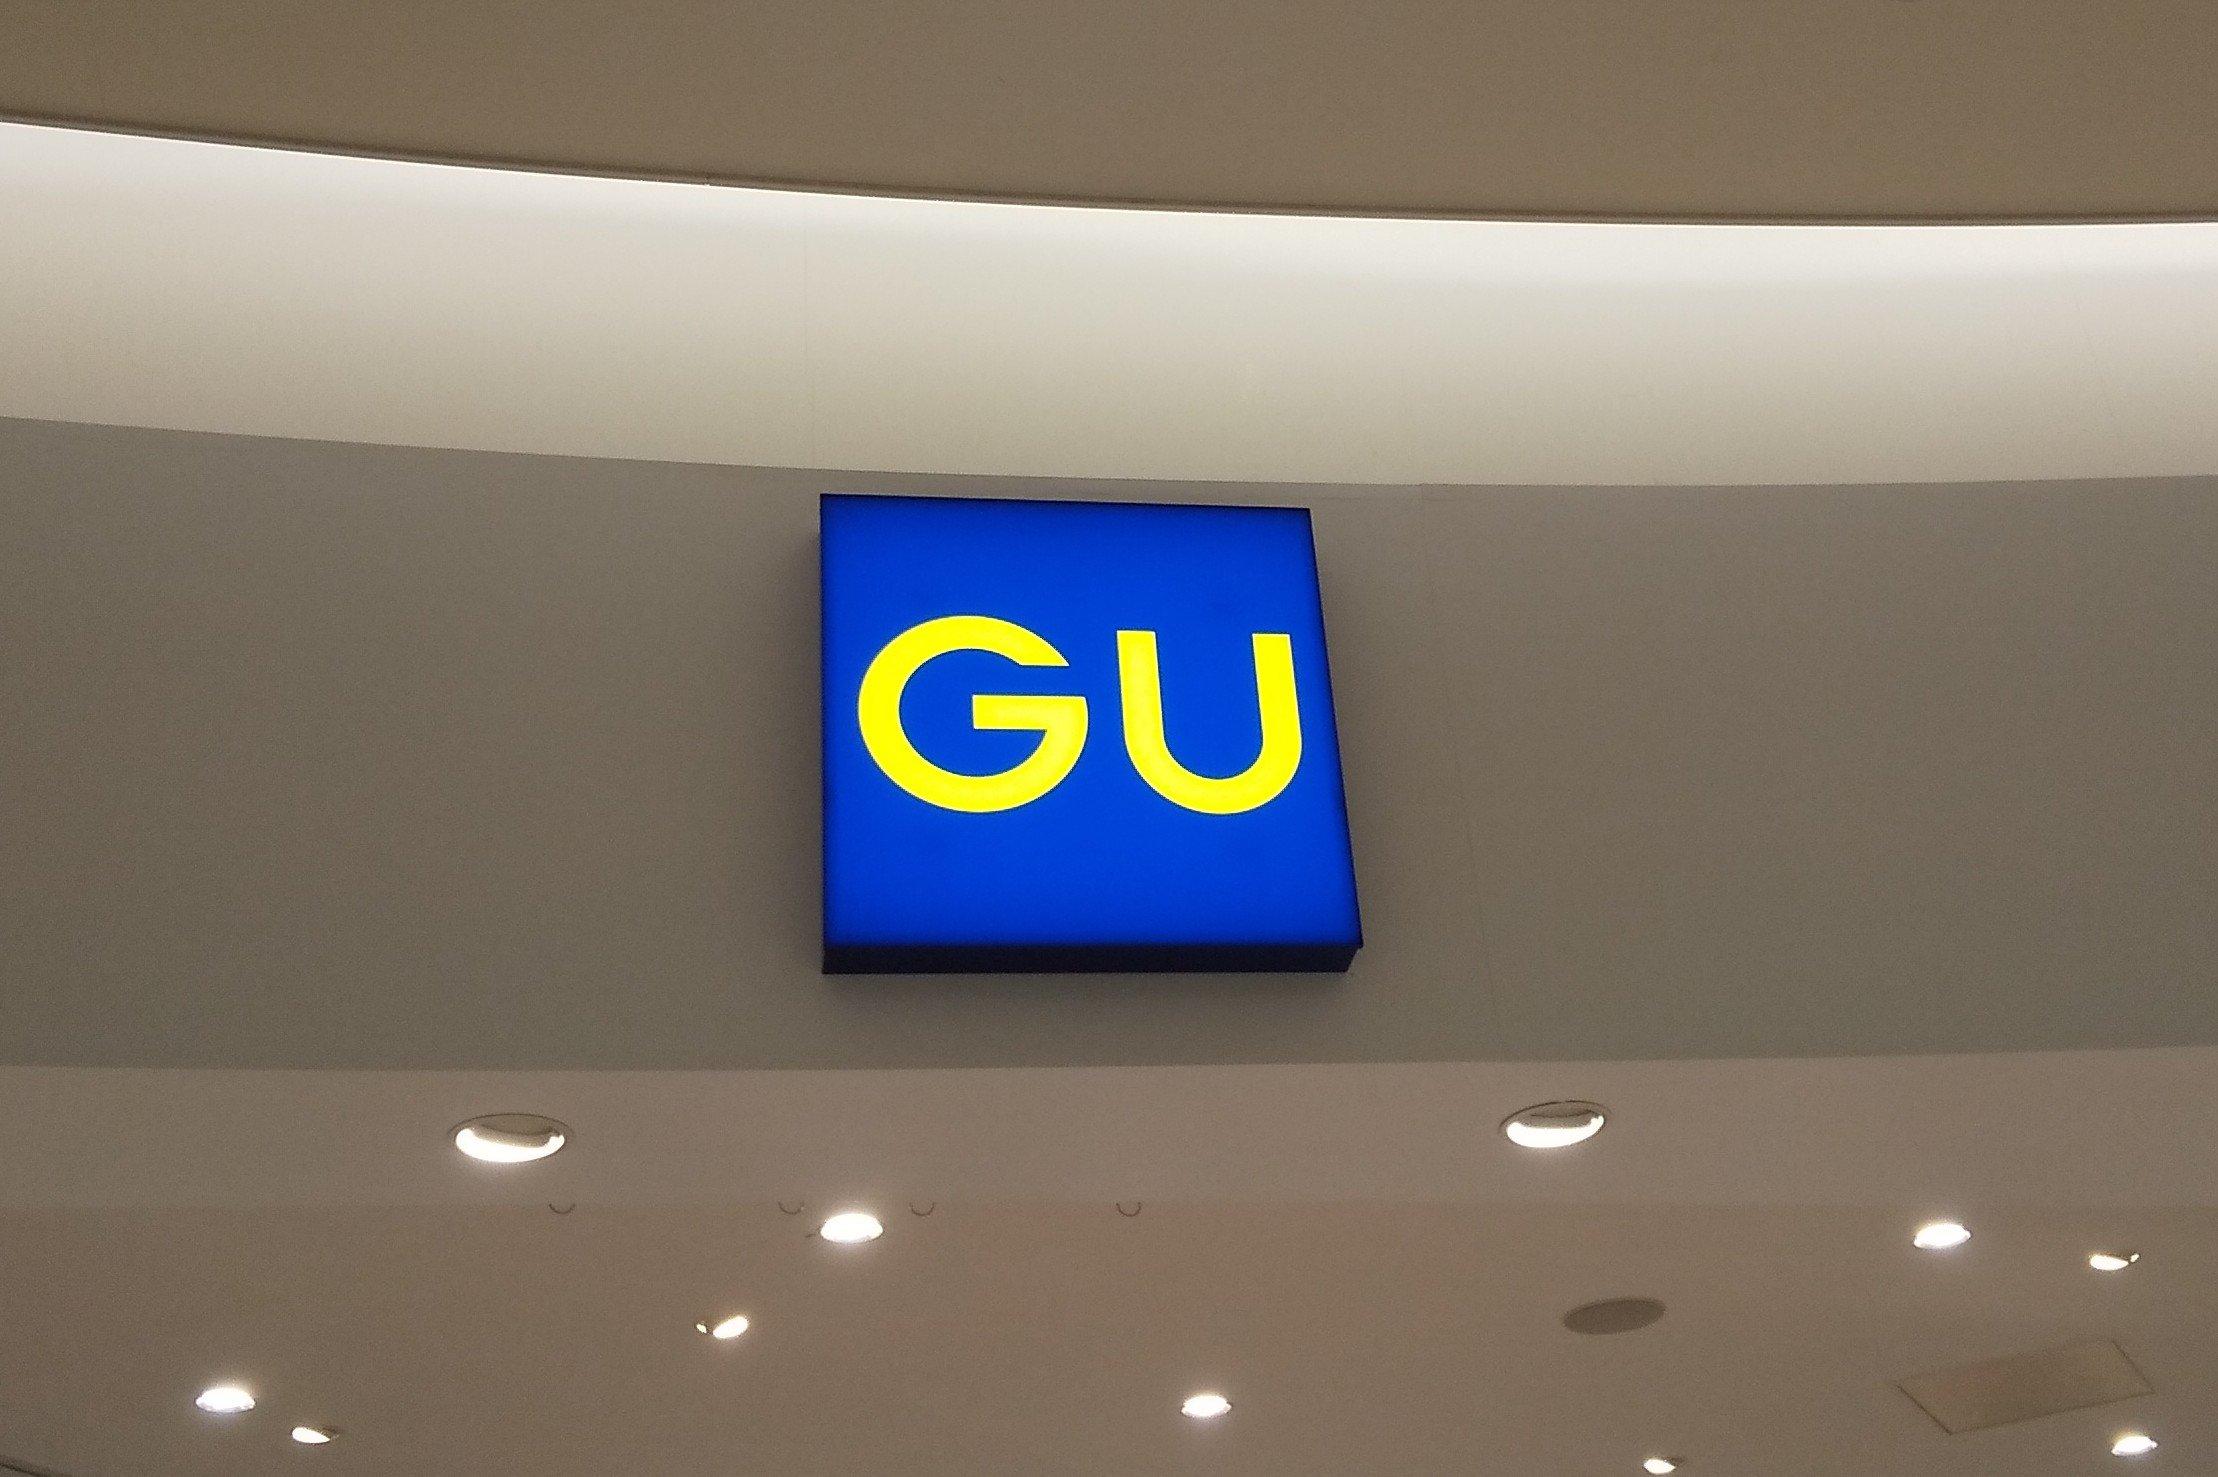 Gu 鬼滅の刃